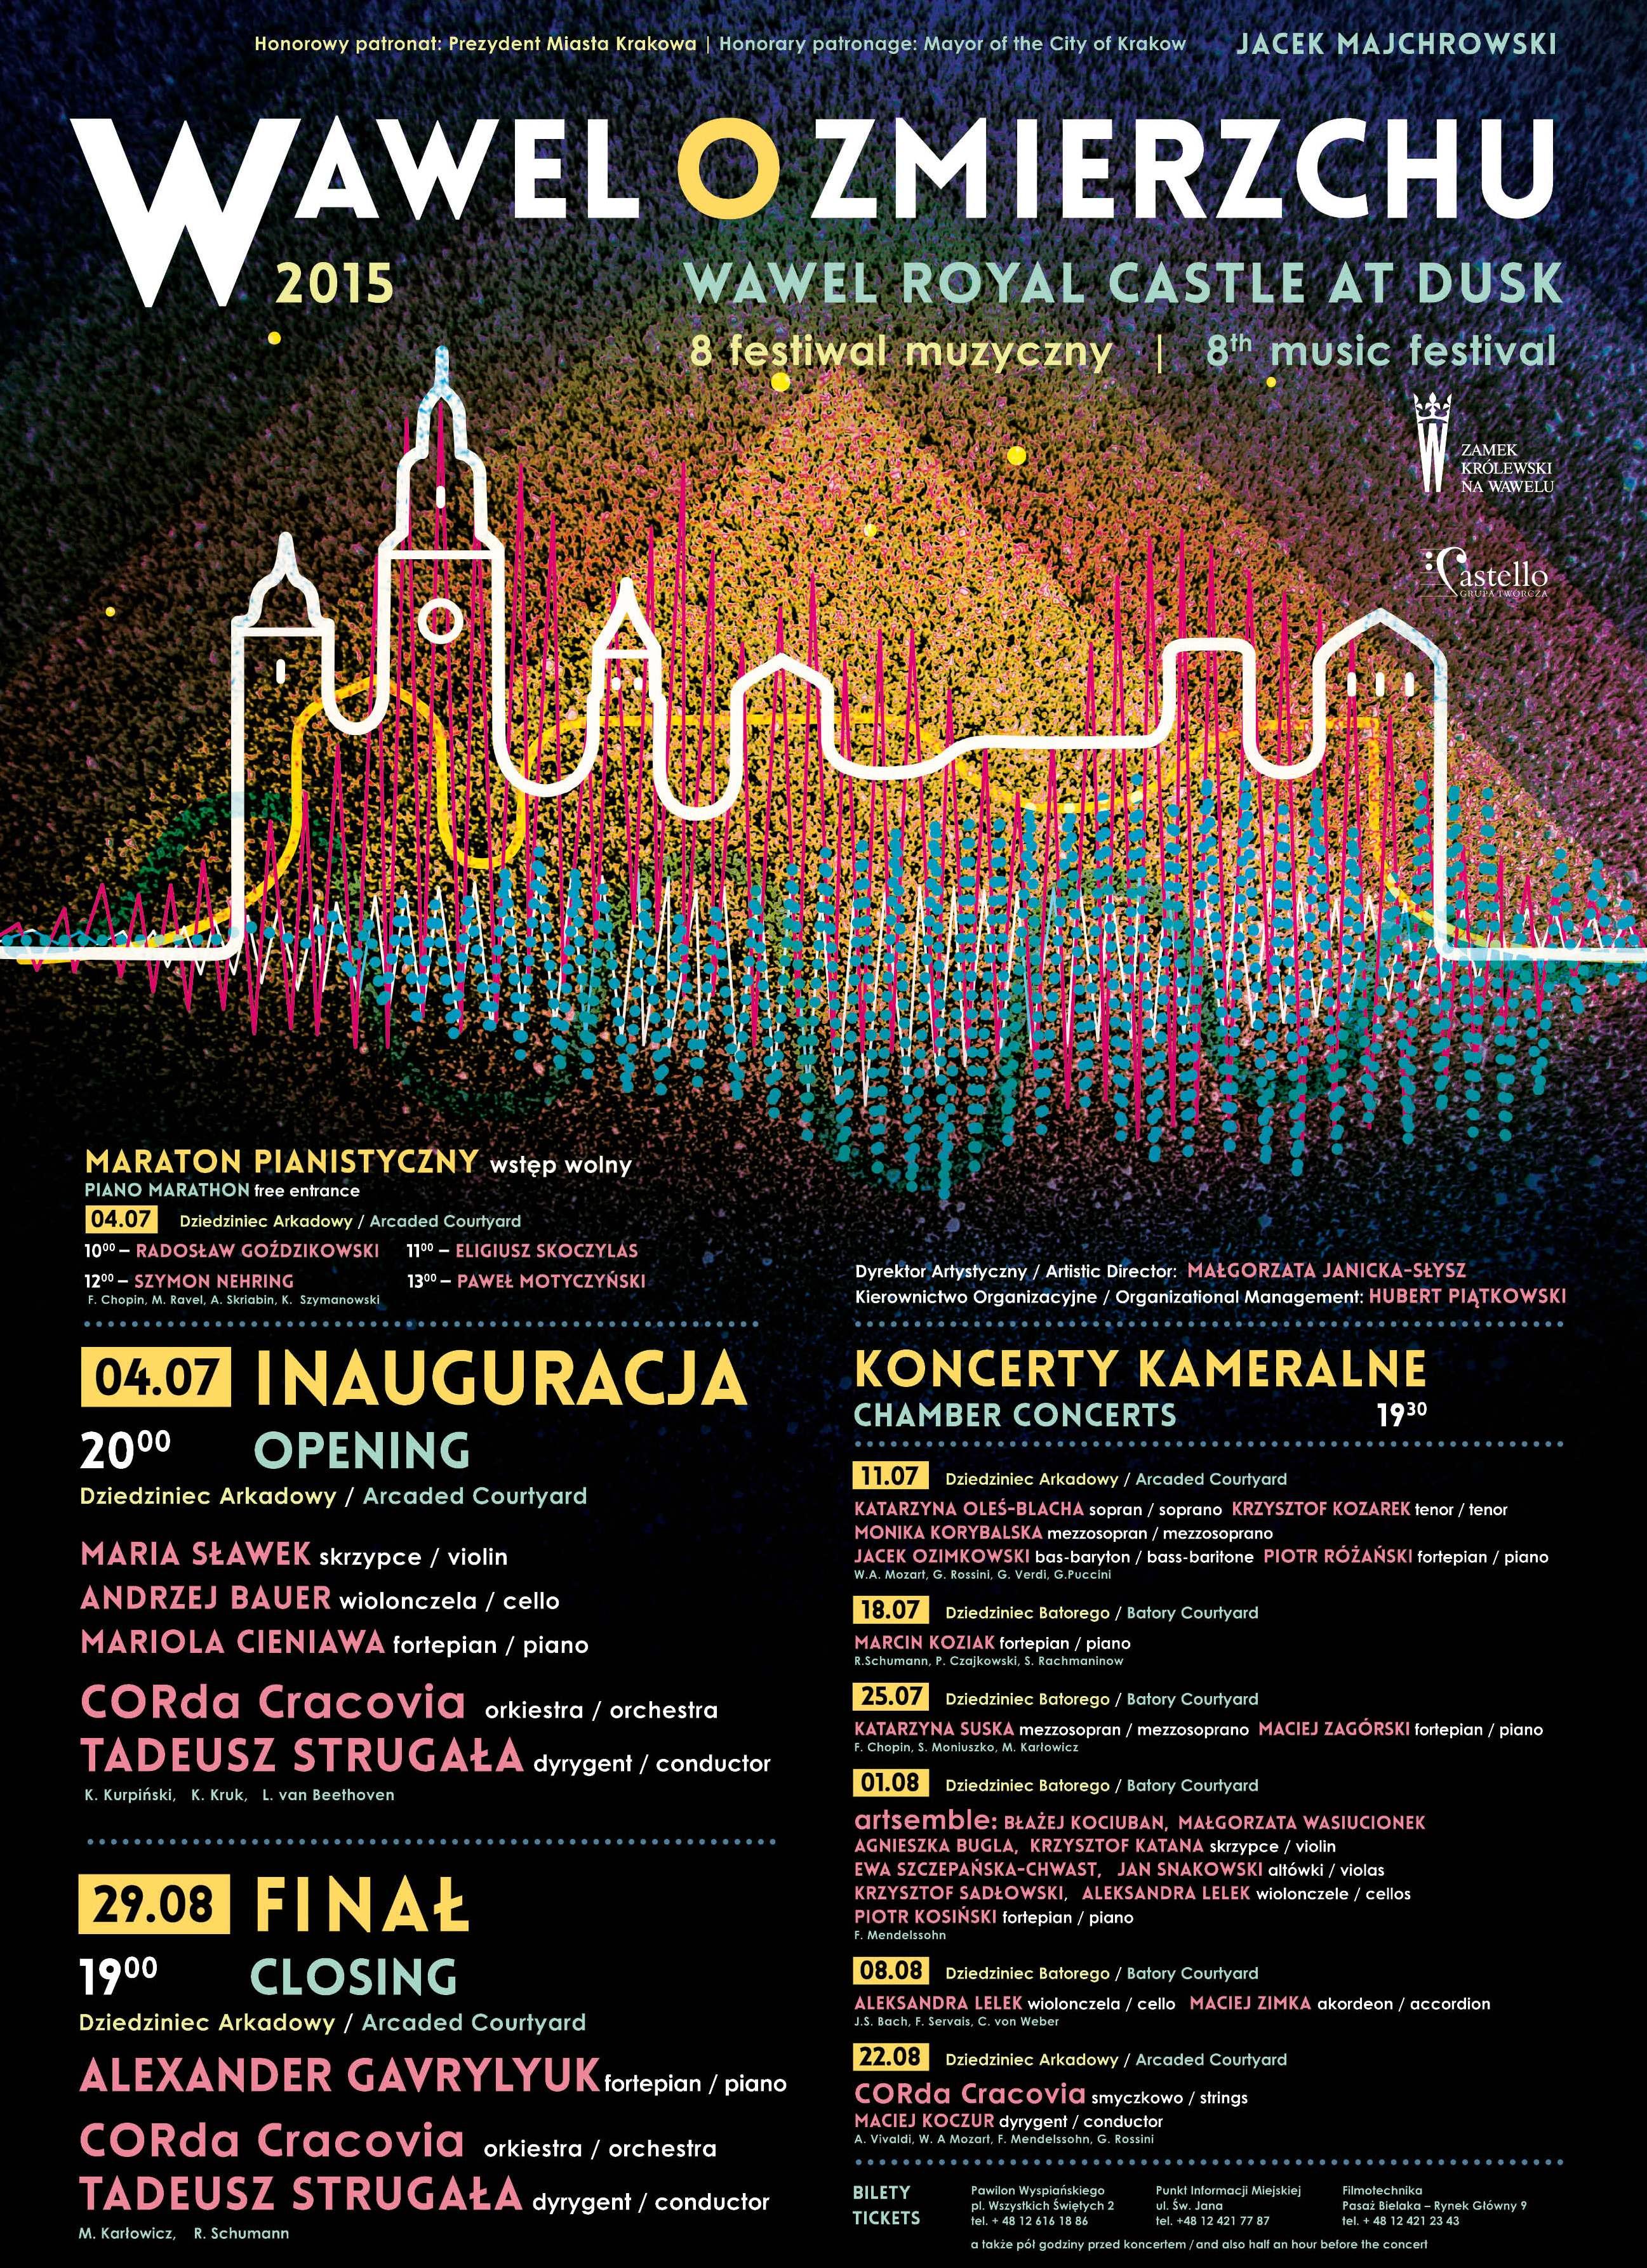 """VIII Festiwal """"Wawel o zmierzchu"""", plakat (źródło: materiały prasowe)"""